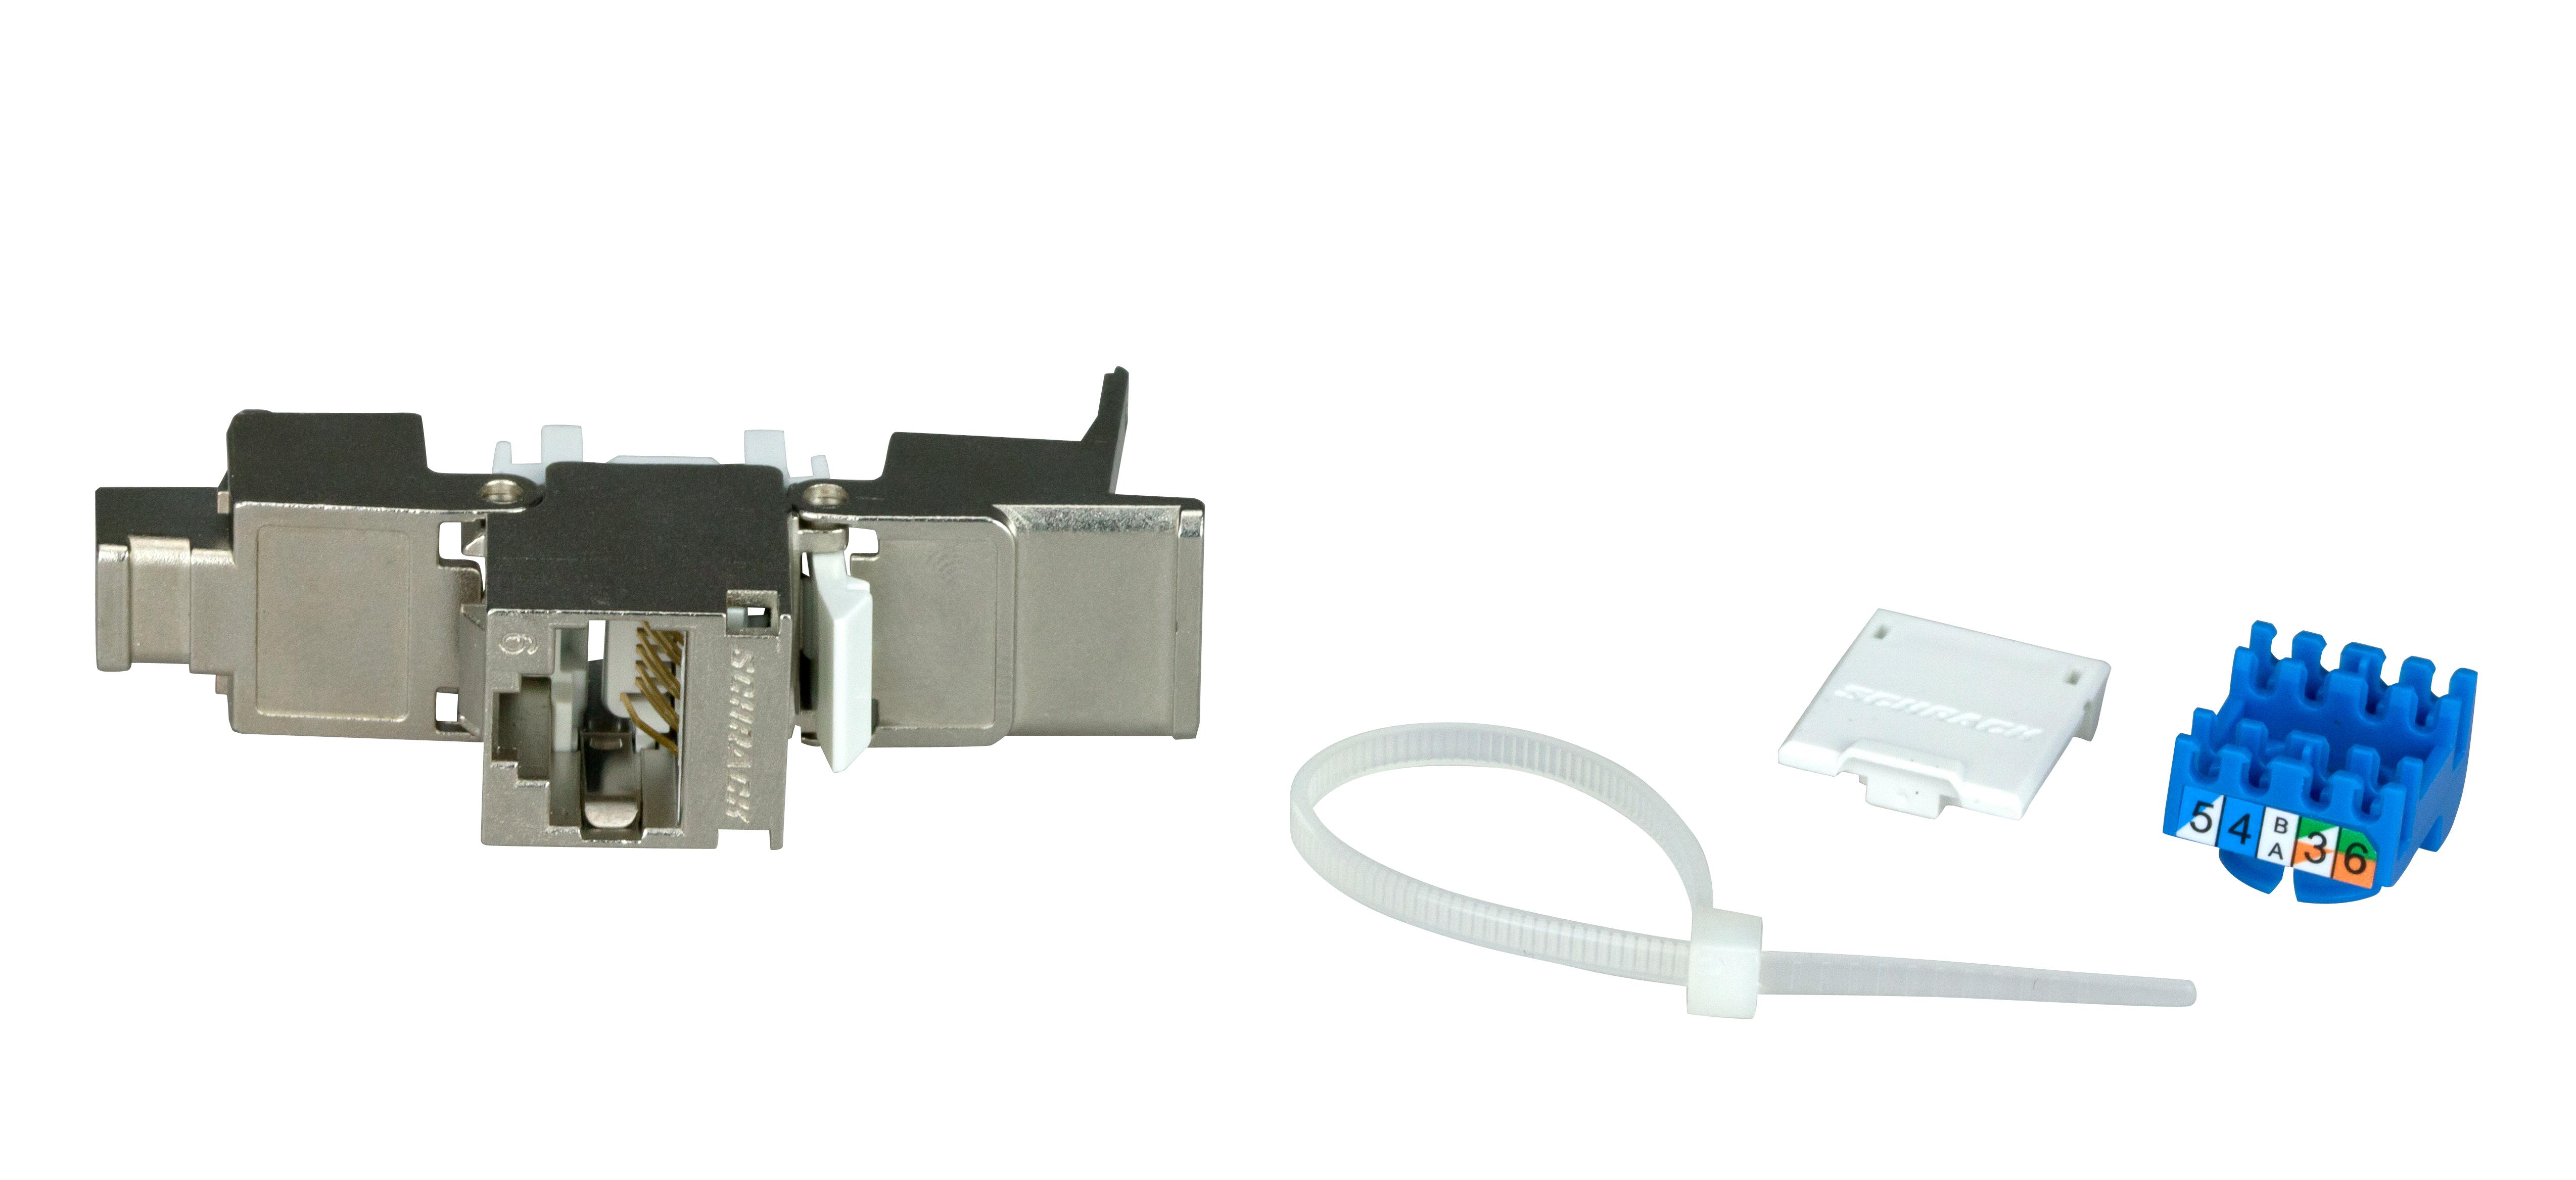 1 Stk TOOLLESS LINE Buchse RJ45 geschirmt Cat.6 (SFB) HSEMRJ6GBS